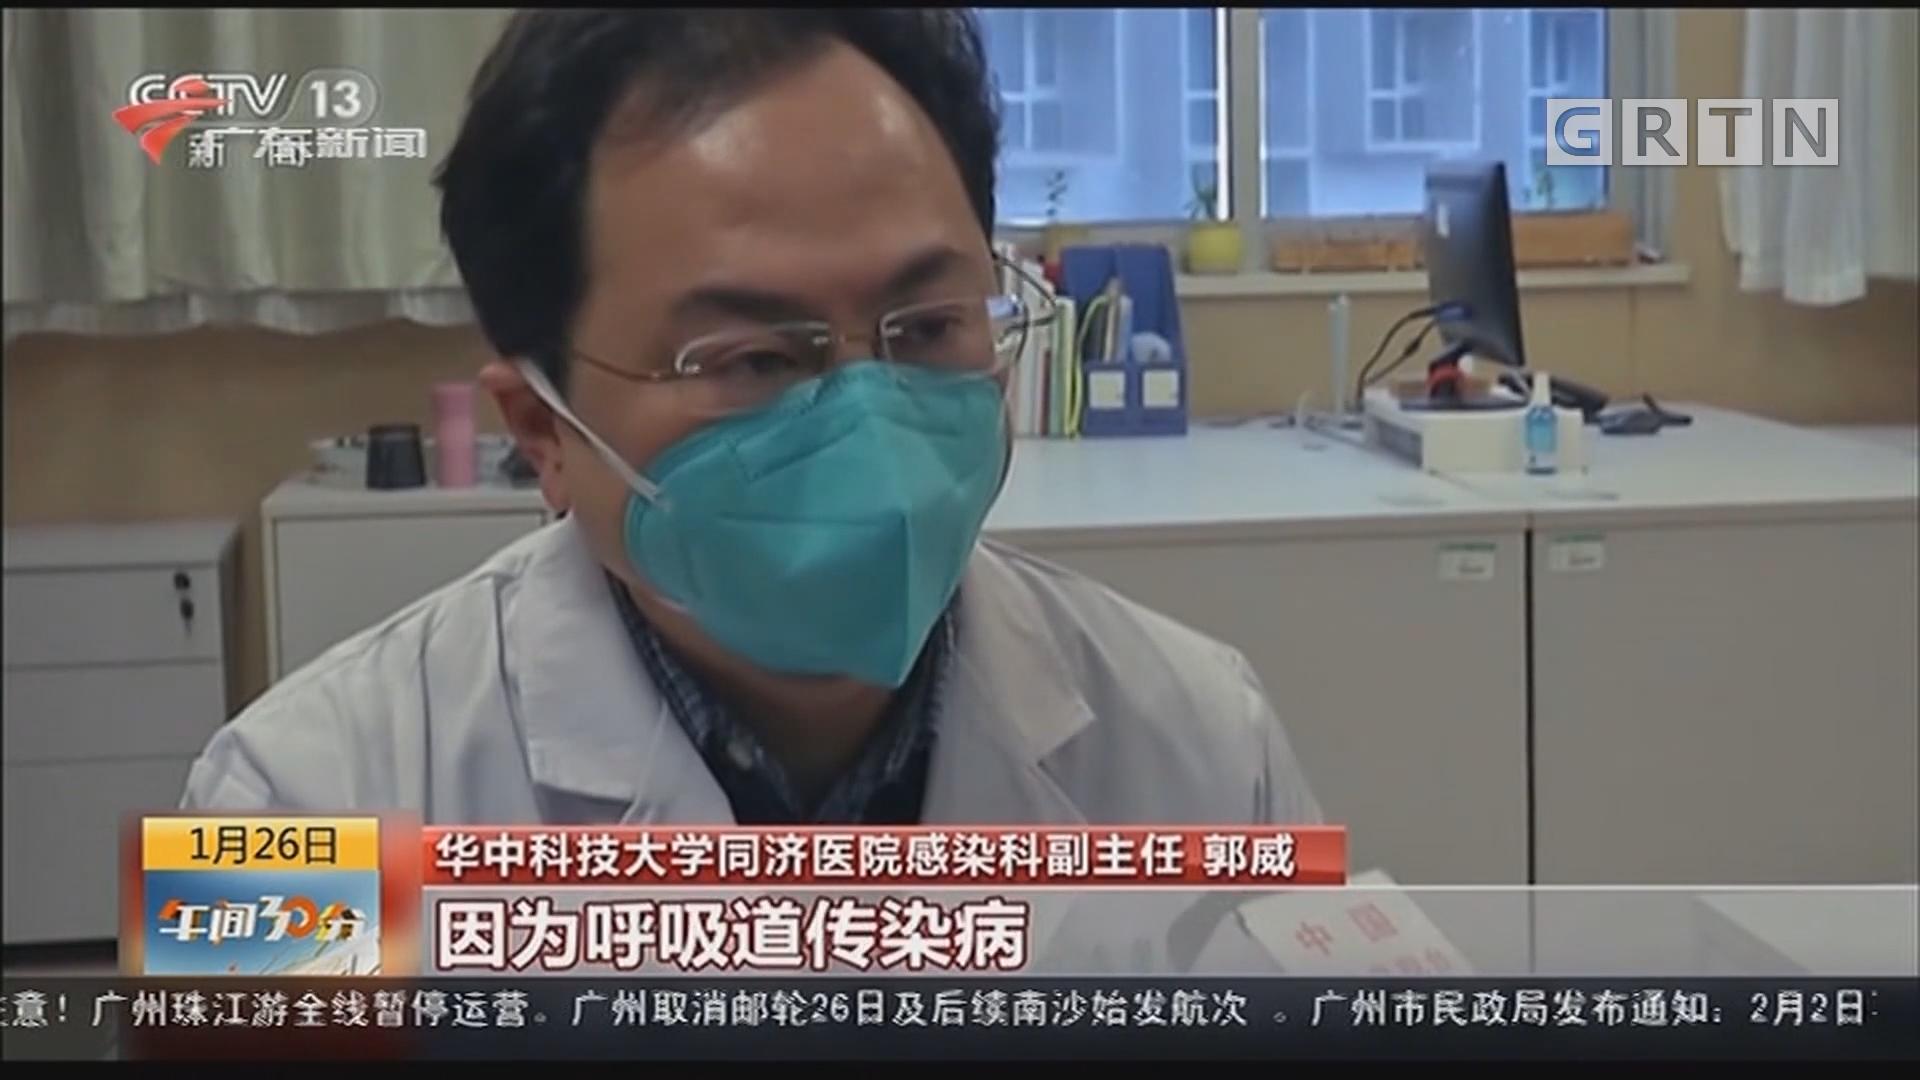 抗击新型冠状病毒感染的肺炎疫情:湖北全力抗击疫情 各地紧急驰援